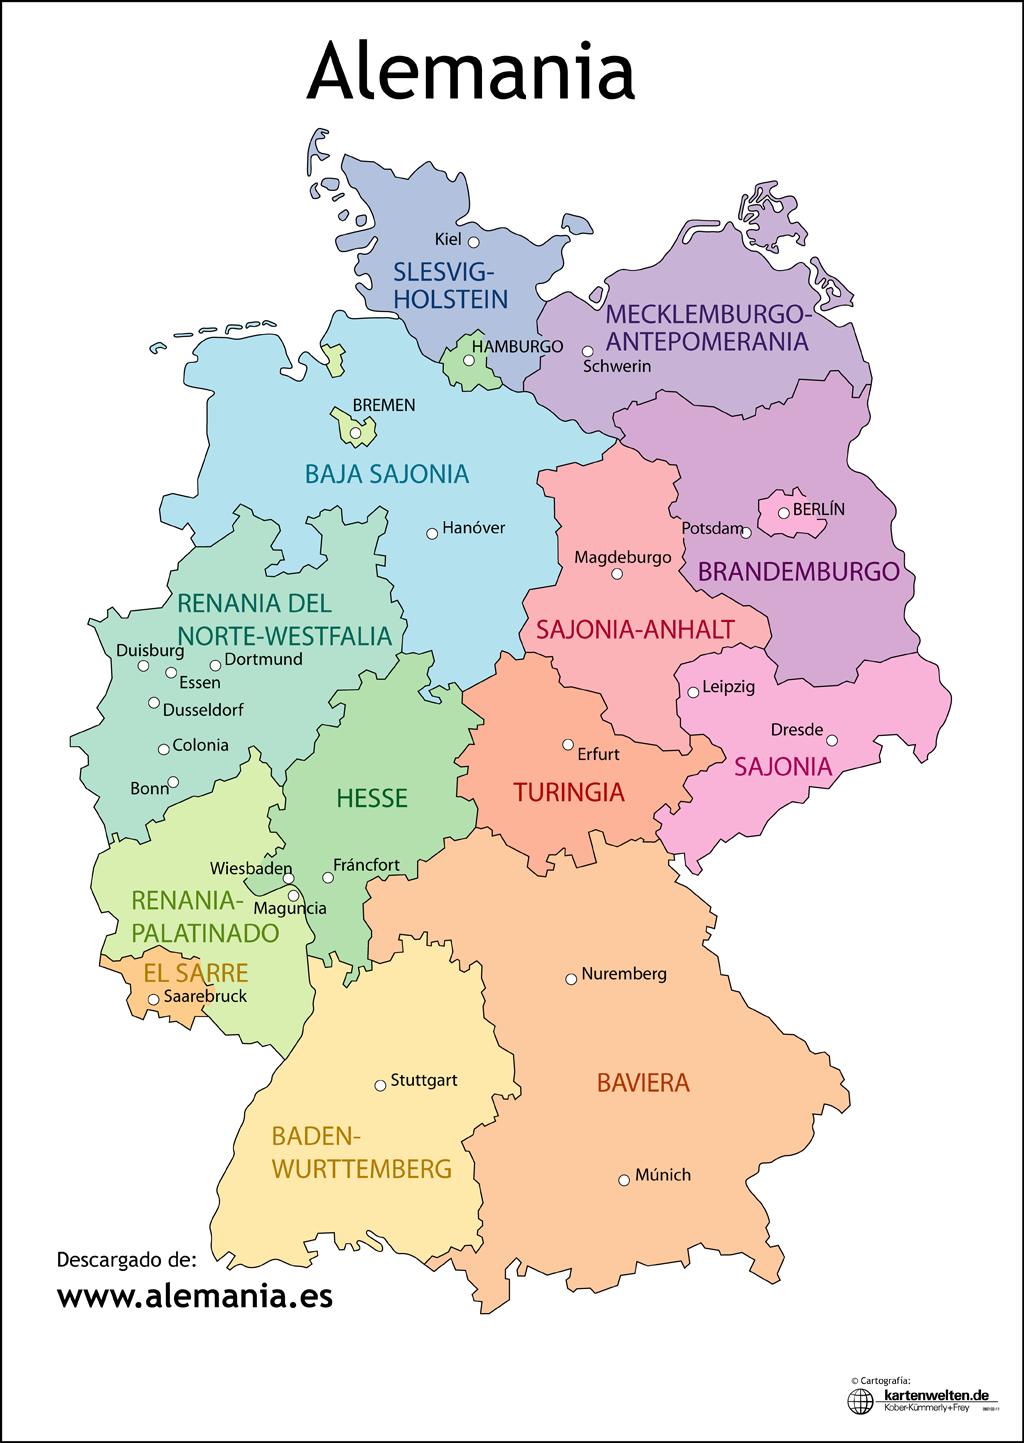 Mapa Politico De Alemania Actual.Imagen Relacionada Munich Alemania Alemania Y Hamburgo